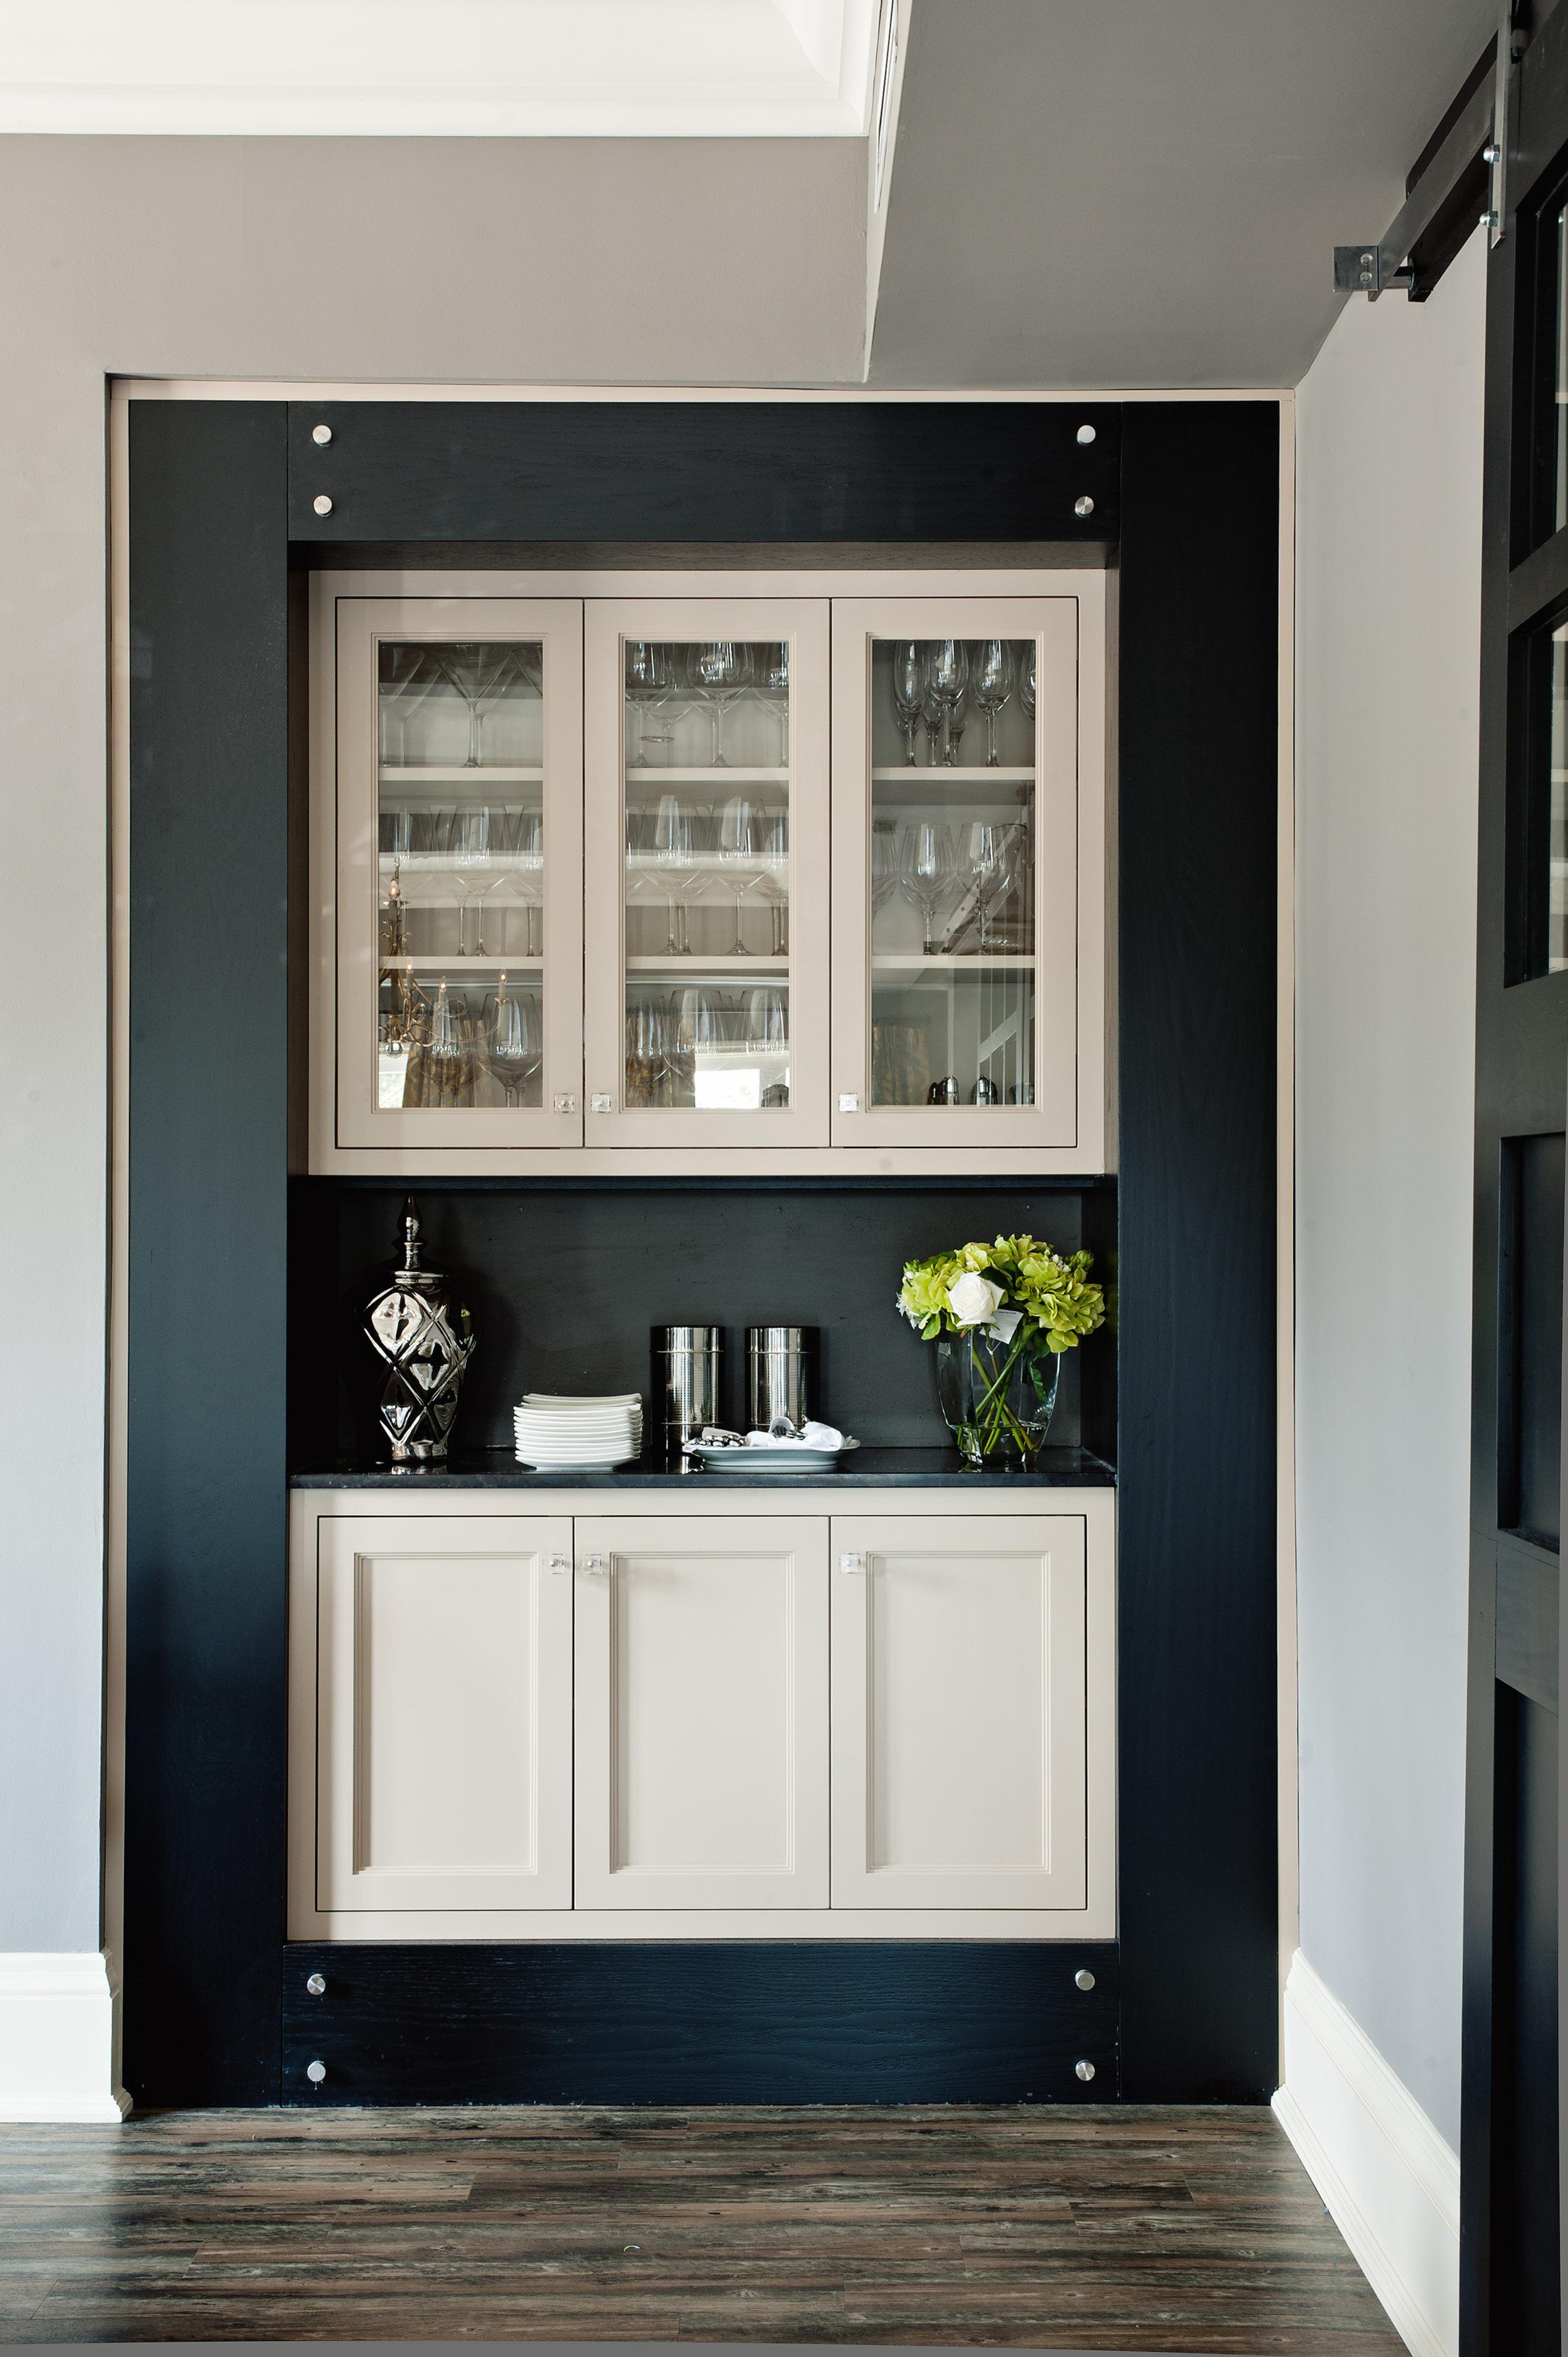 Restaurant Dining Room Cabinets.jpg